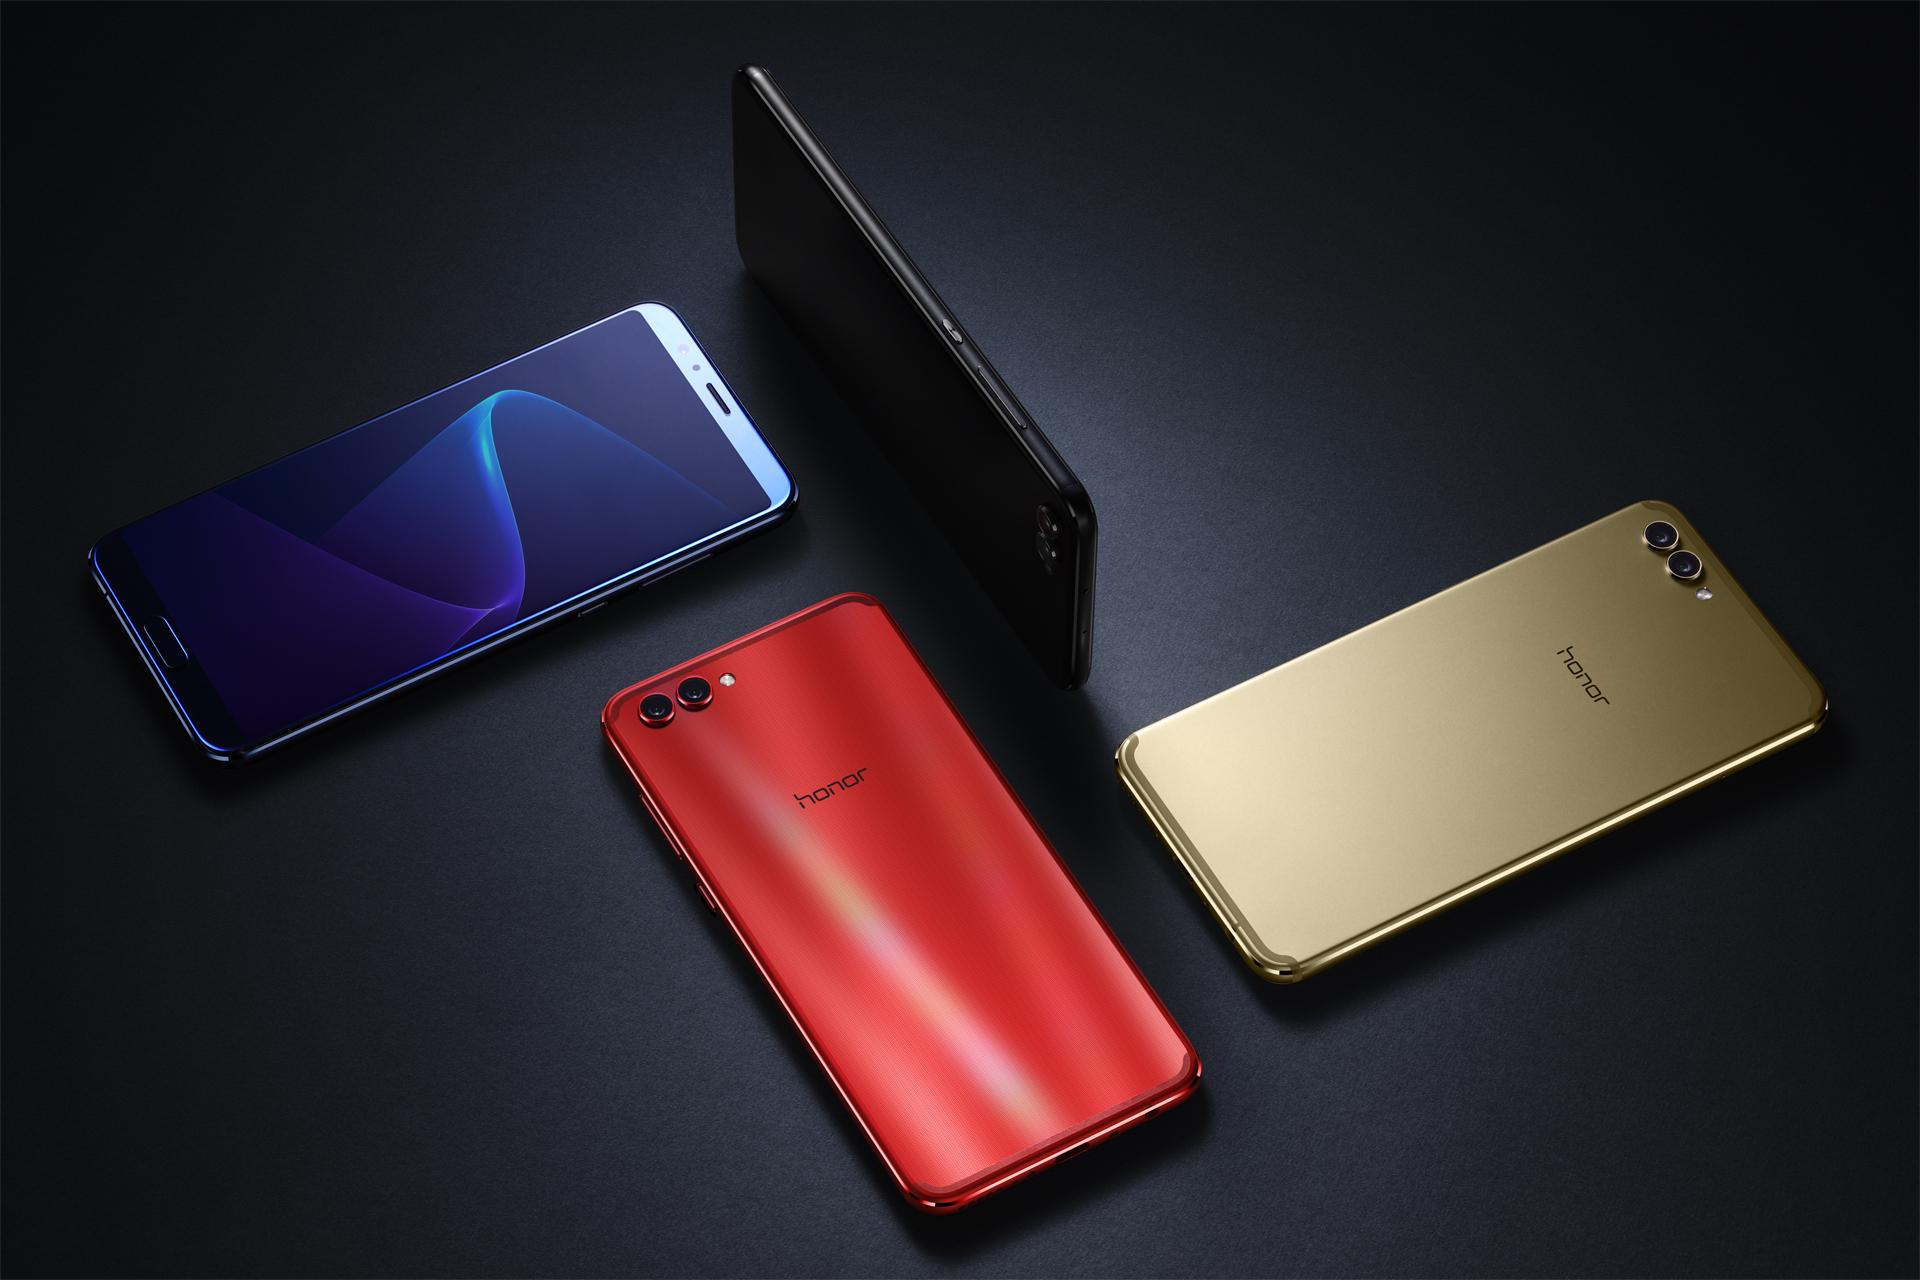 华为荣耀V10正式发布,2699元起,全面屏和正面指纹